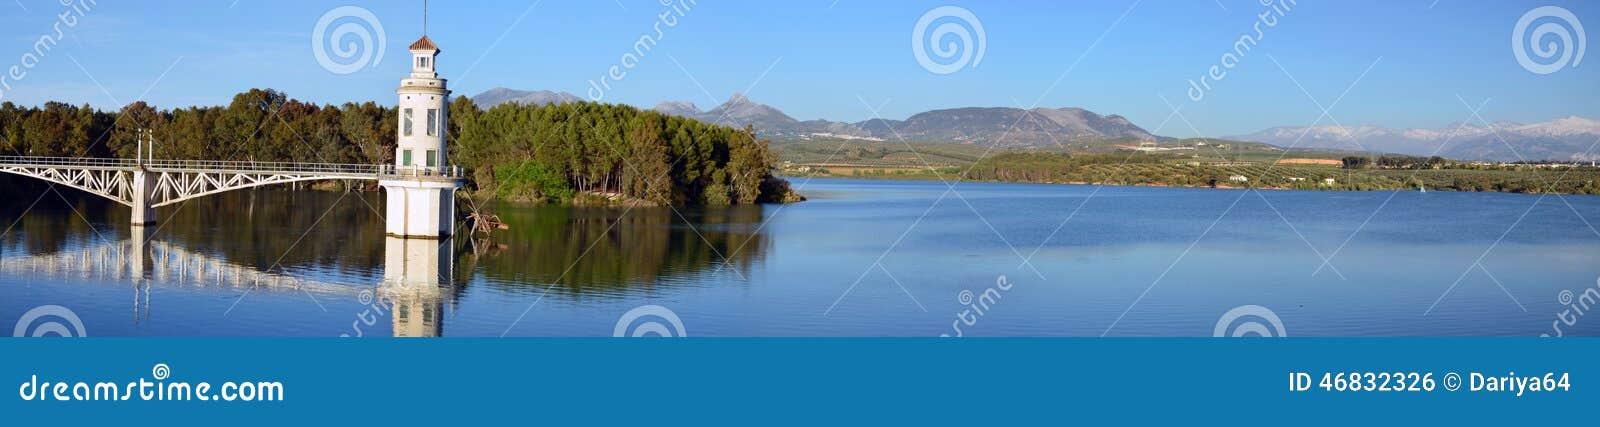 Panorama del depósito de Cubillas en el ptovance de Granada adentro y